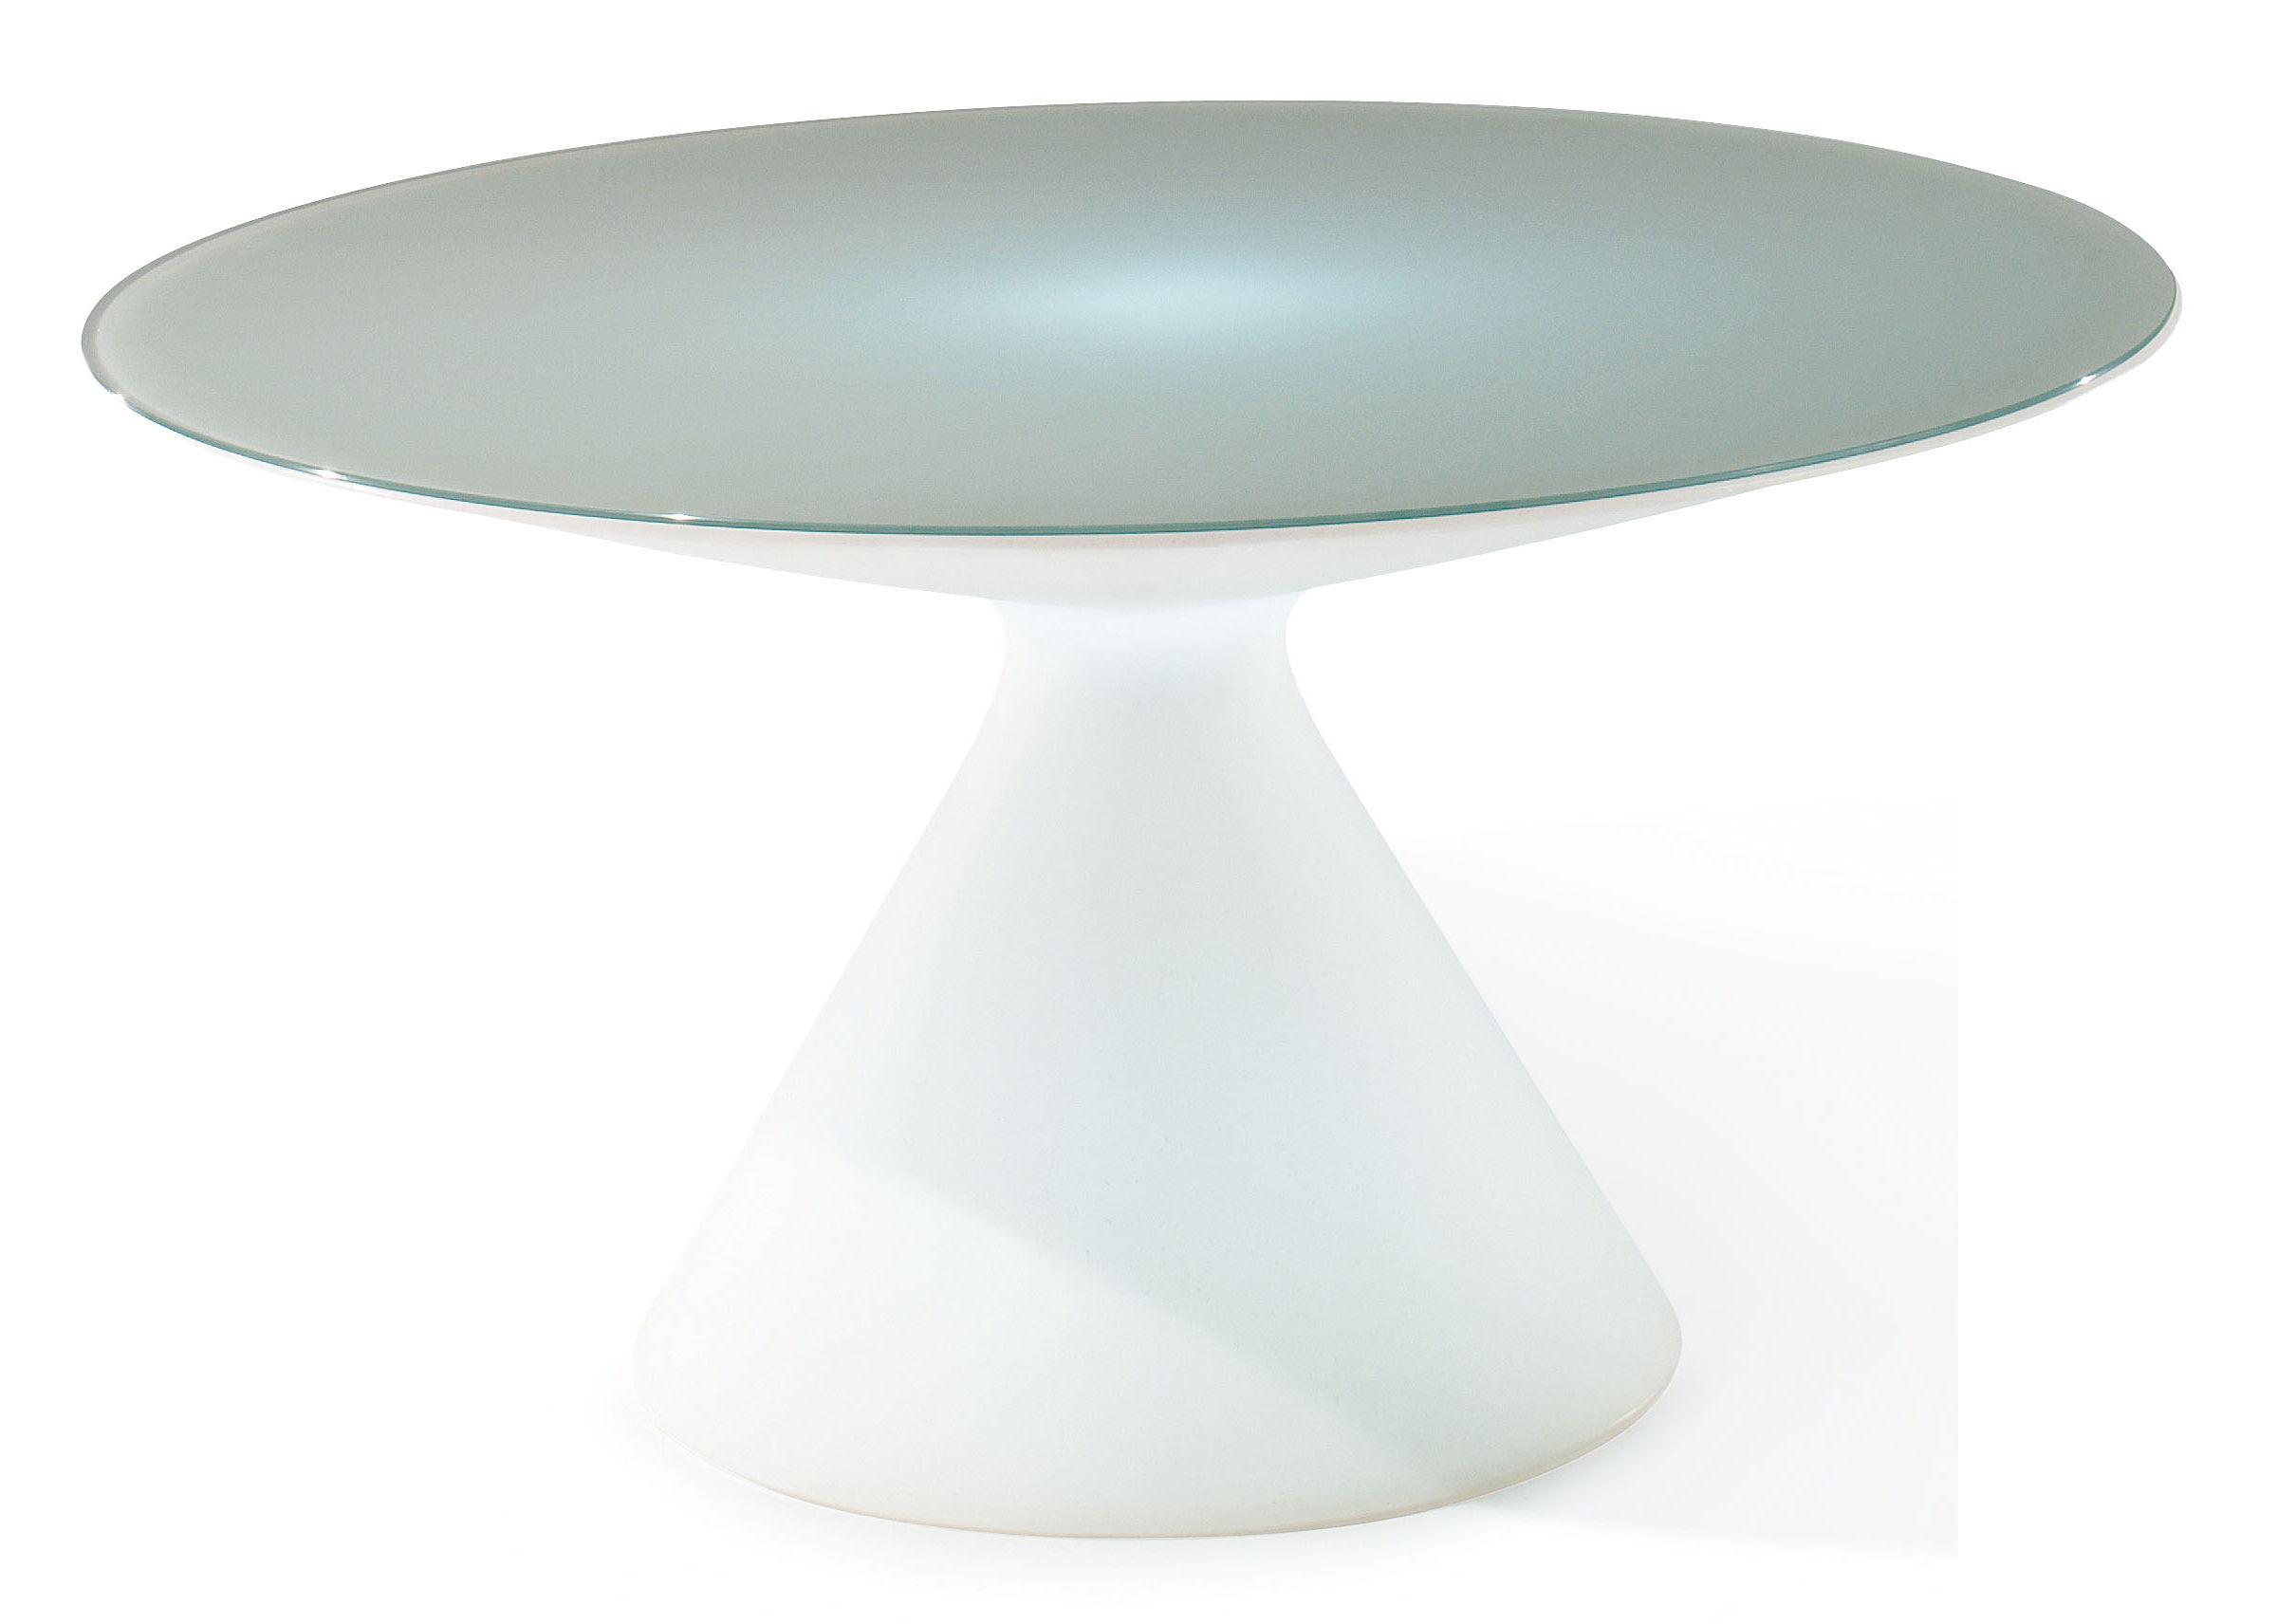 Arredamento - Mobili luminosi - Tavolo luminoso Ed di Slide - Bianco - Polietilene, Vetro